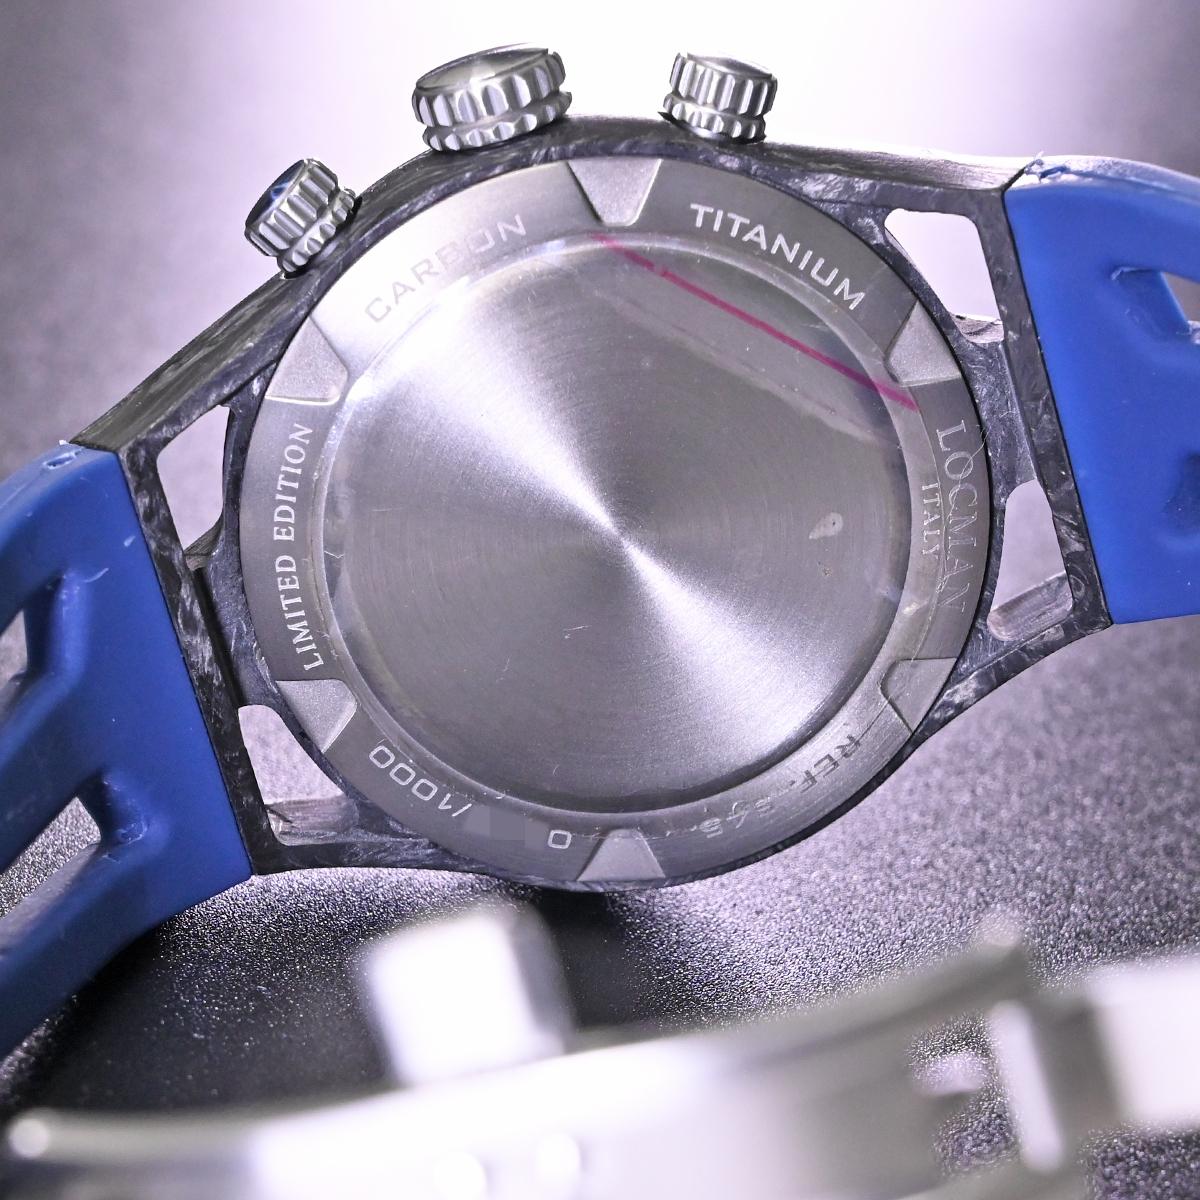 本物 新品 ロックマン 極希少 フォージドカーボン MONTECRISTO CARBON クロノグラフ メンズウォッチ 男性用腕時計 元箱 冊子付 LOCMAN_画像8